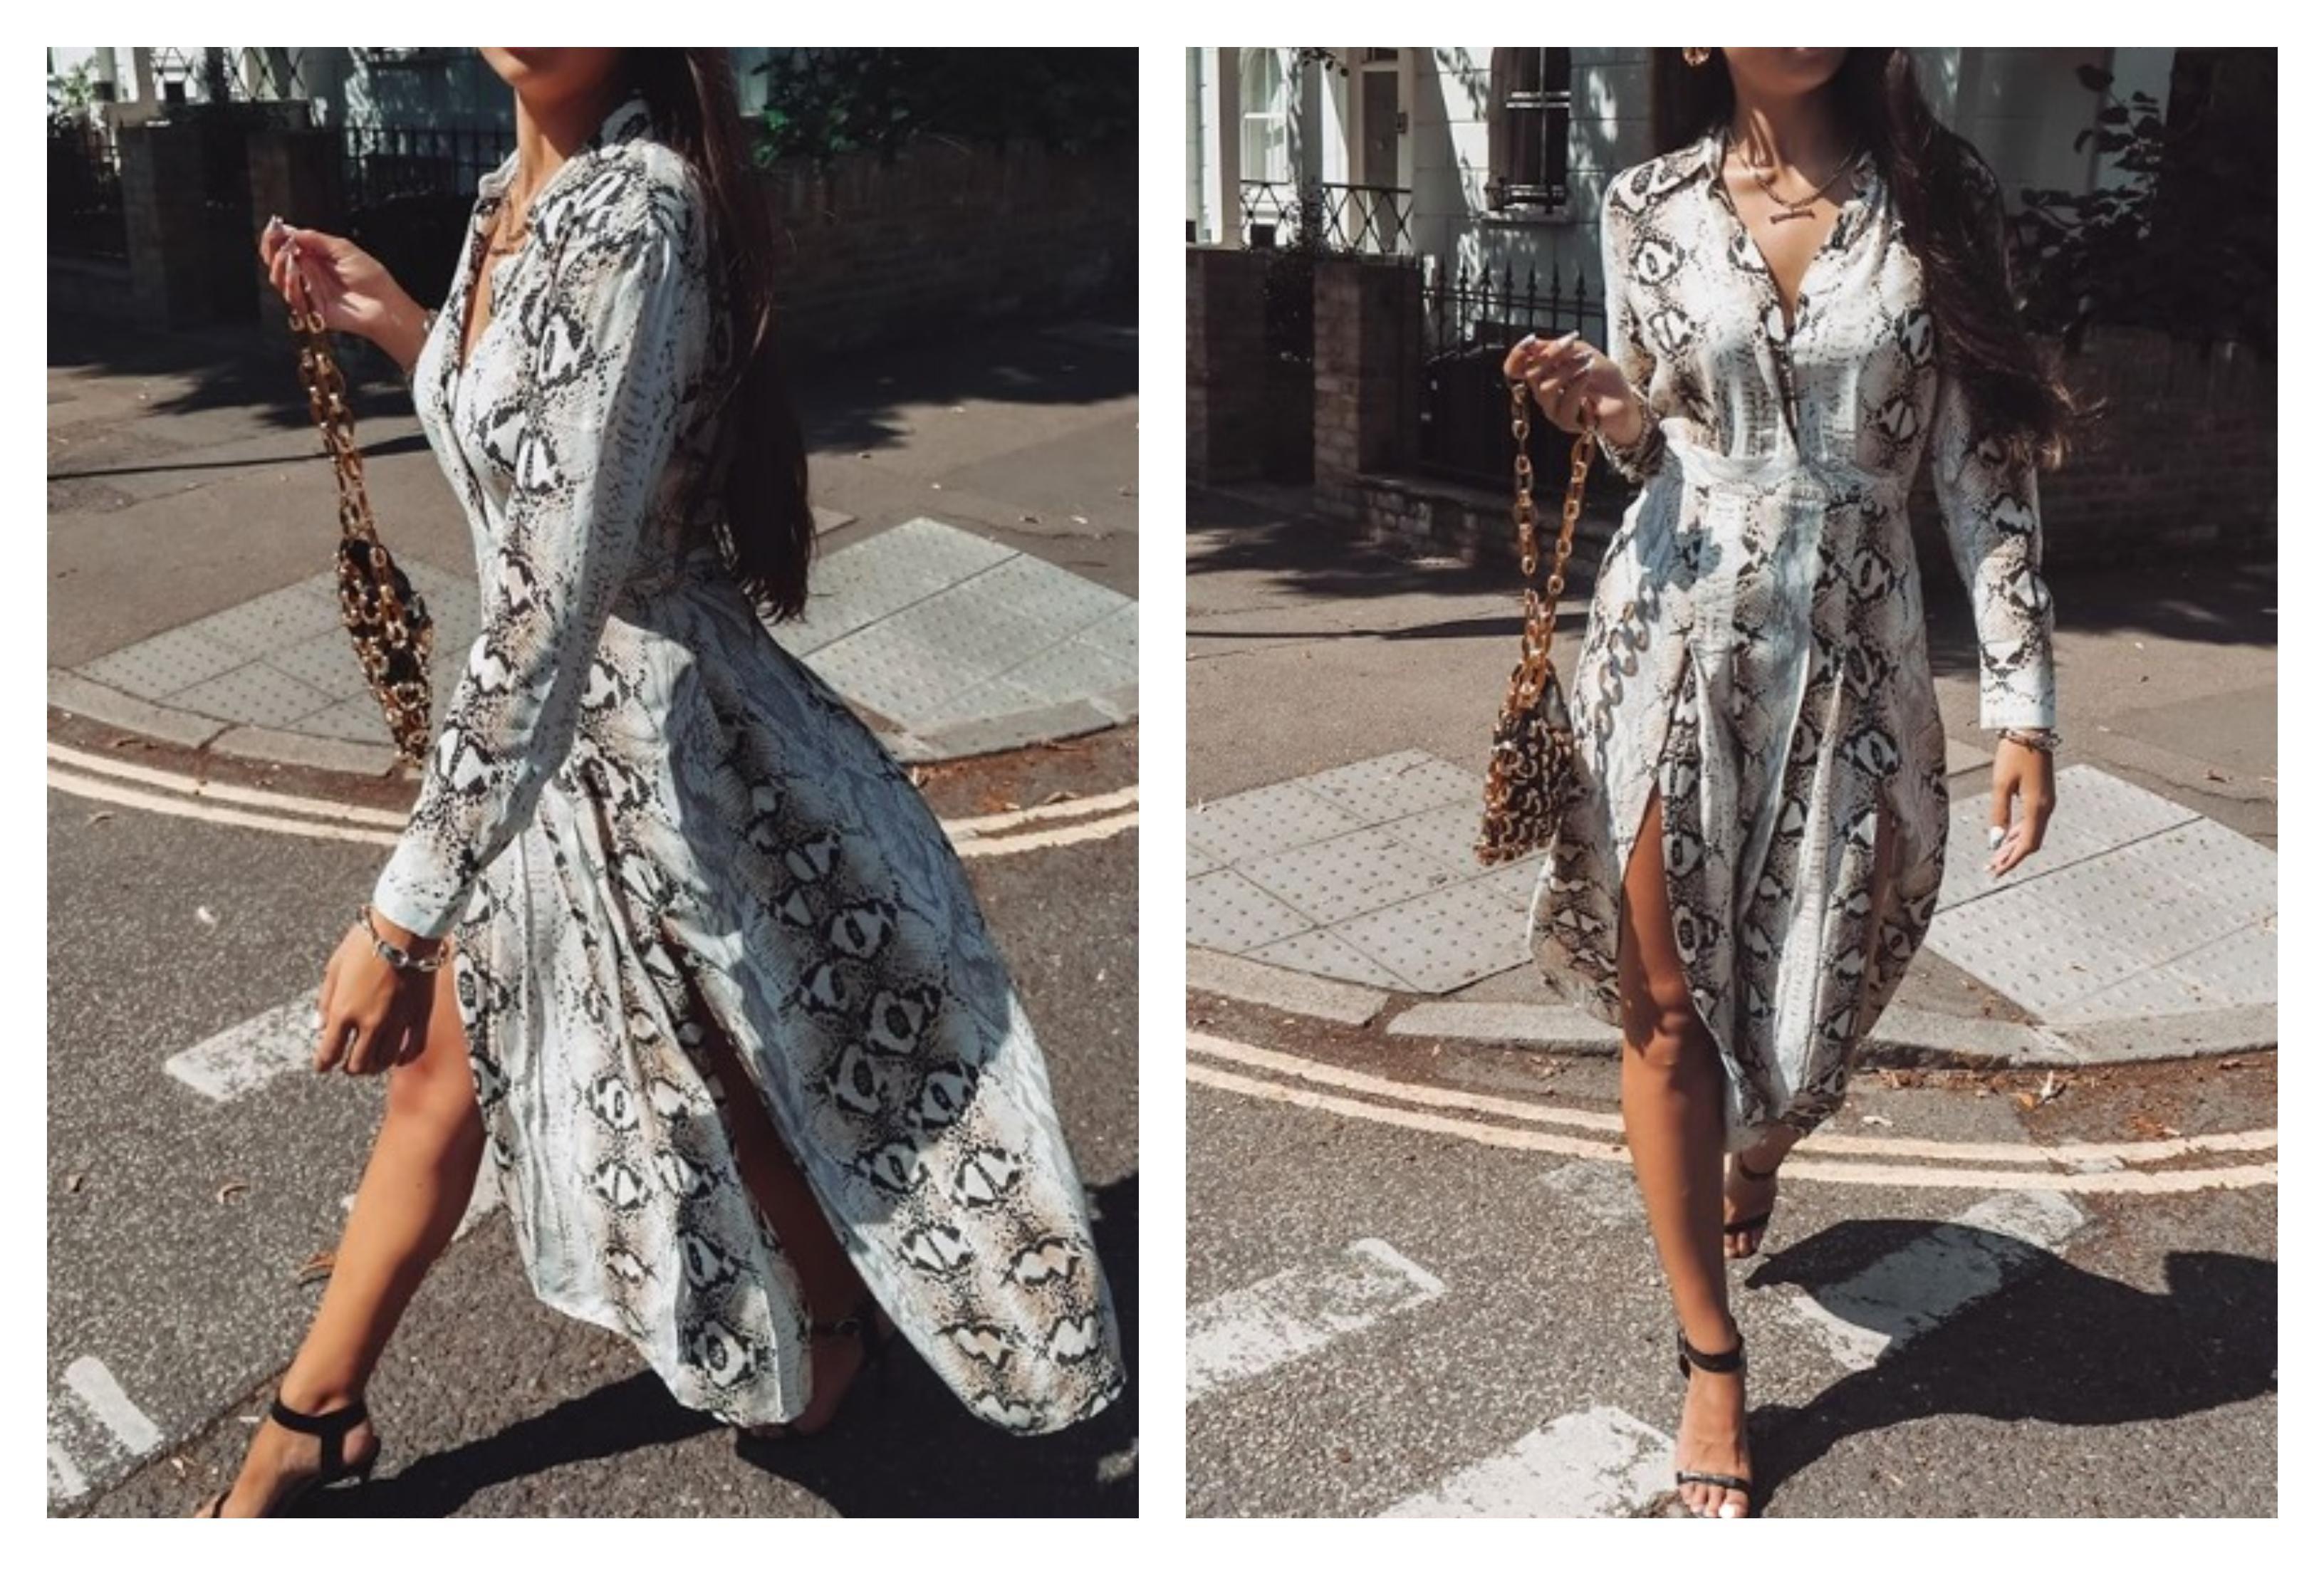 Ako za jesen kupujete samo jednu haljinu, neka to bude ova koju fashionistice obožavaju